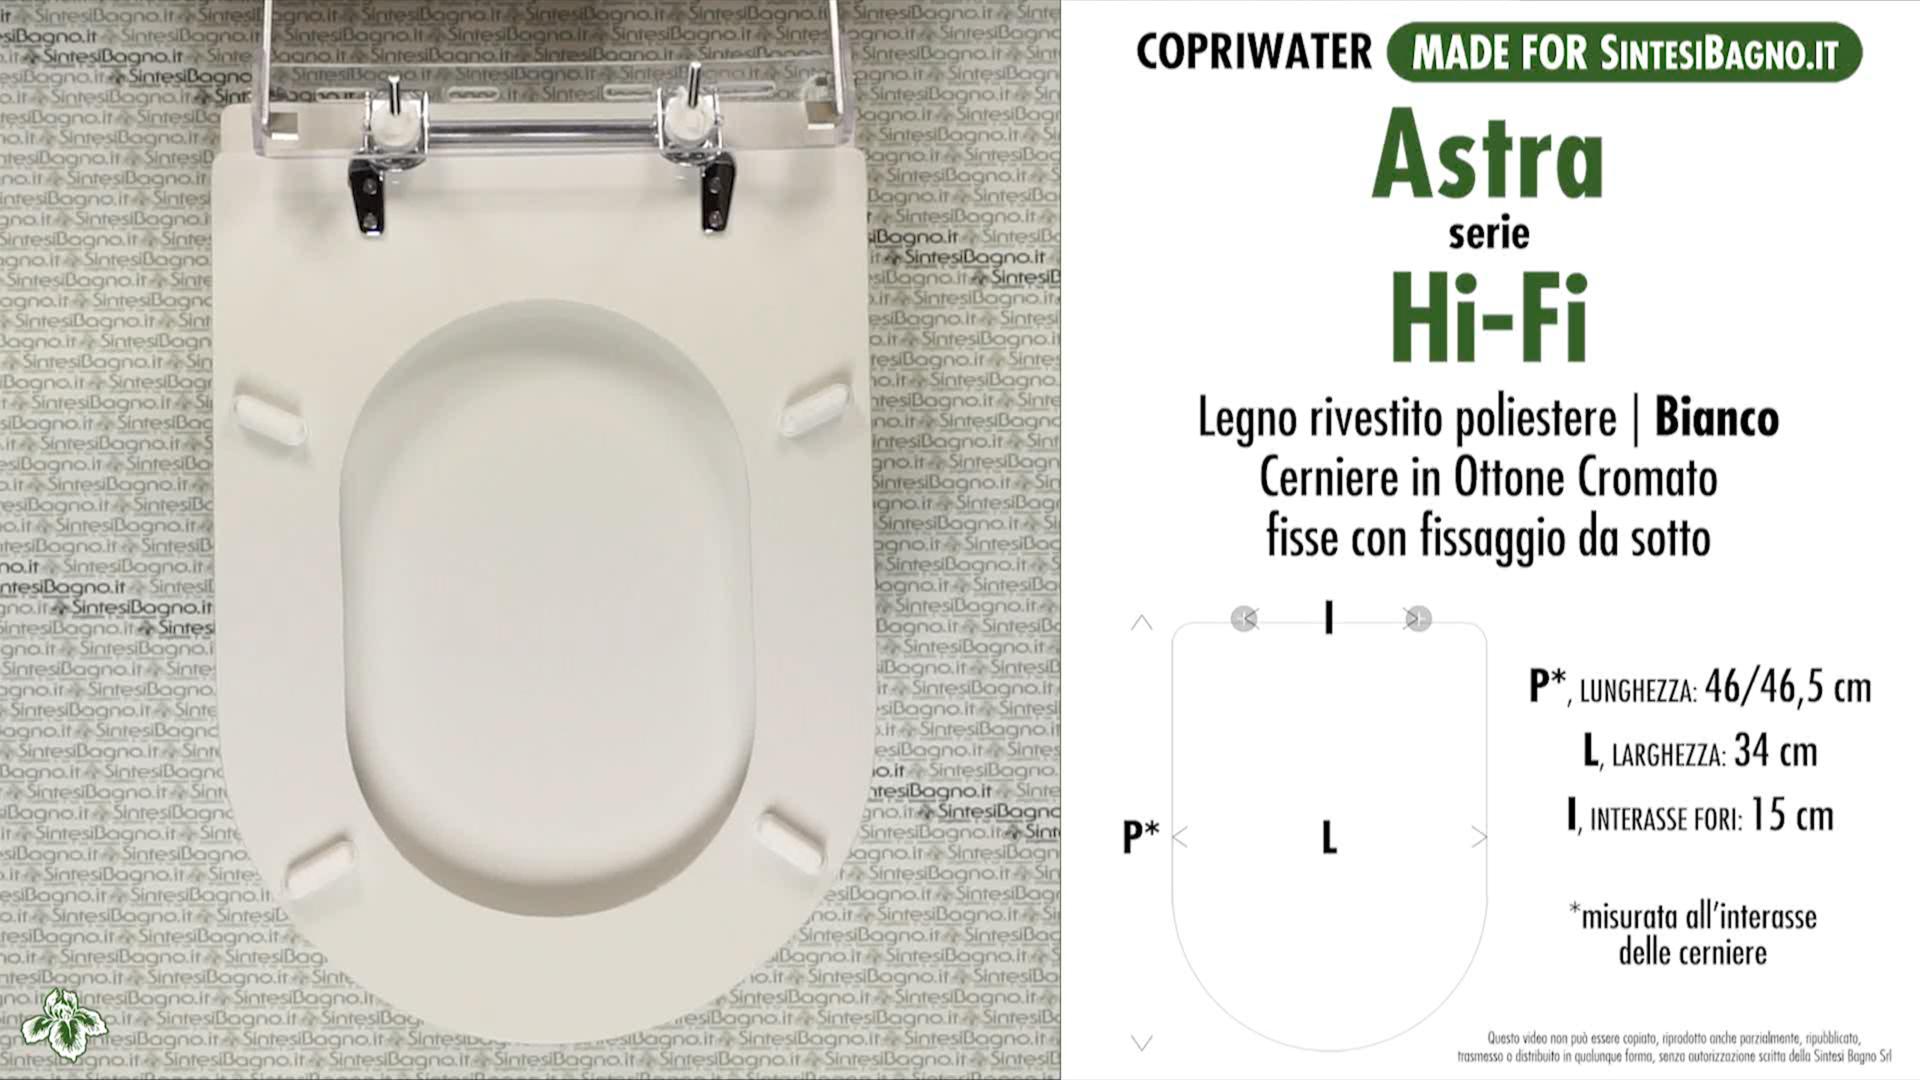 SCHEDA TECNICA MISURE copriwater ASTRA HI-FI